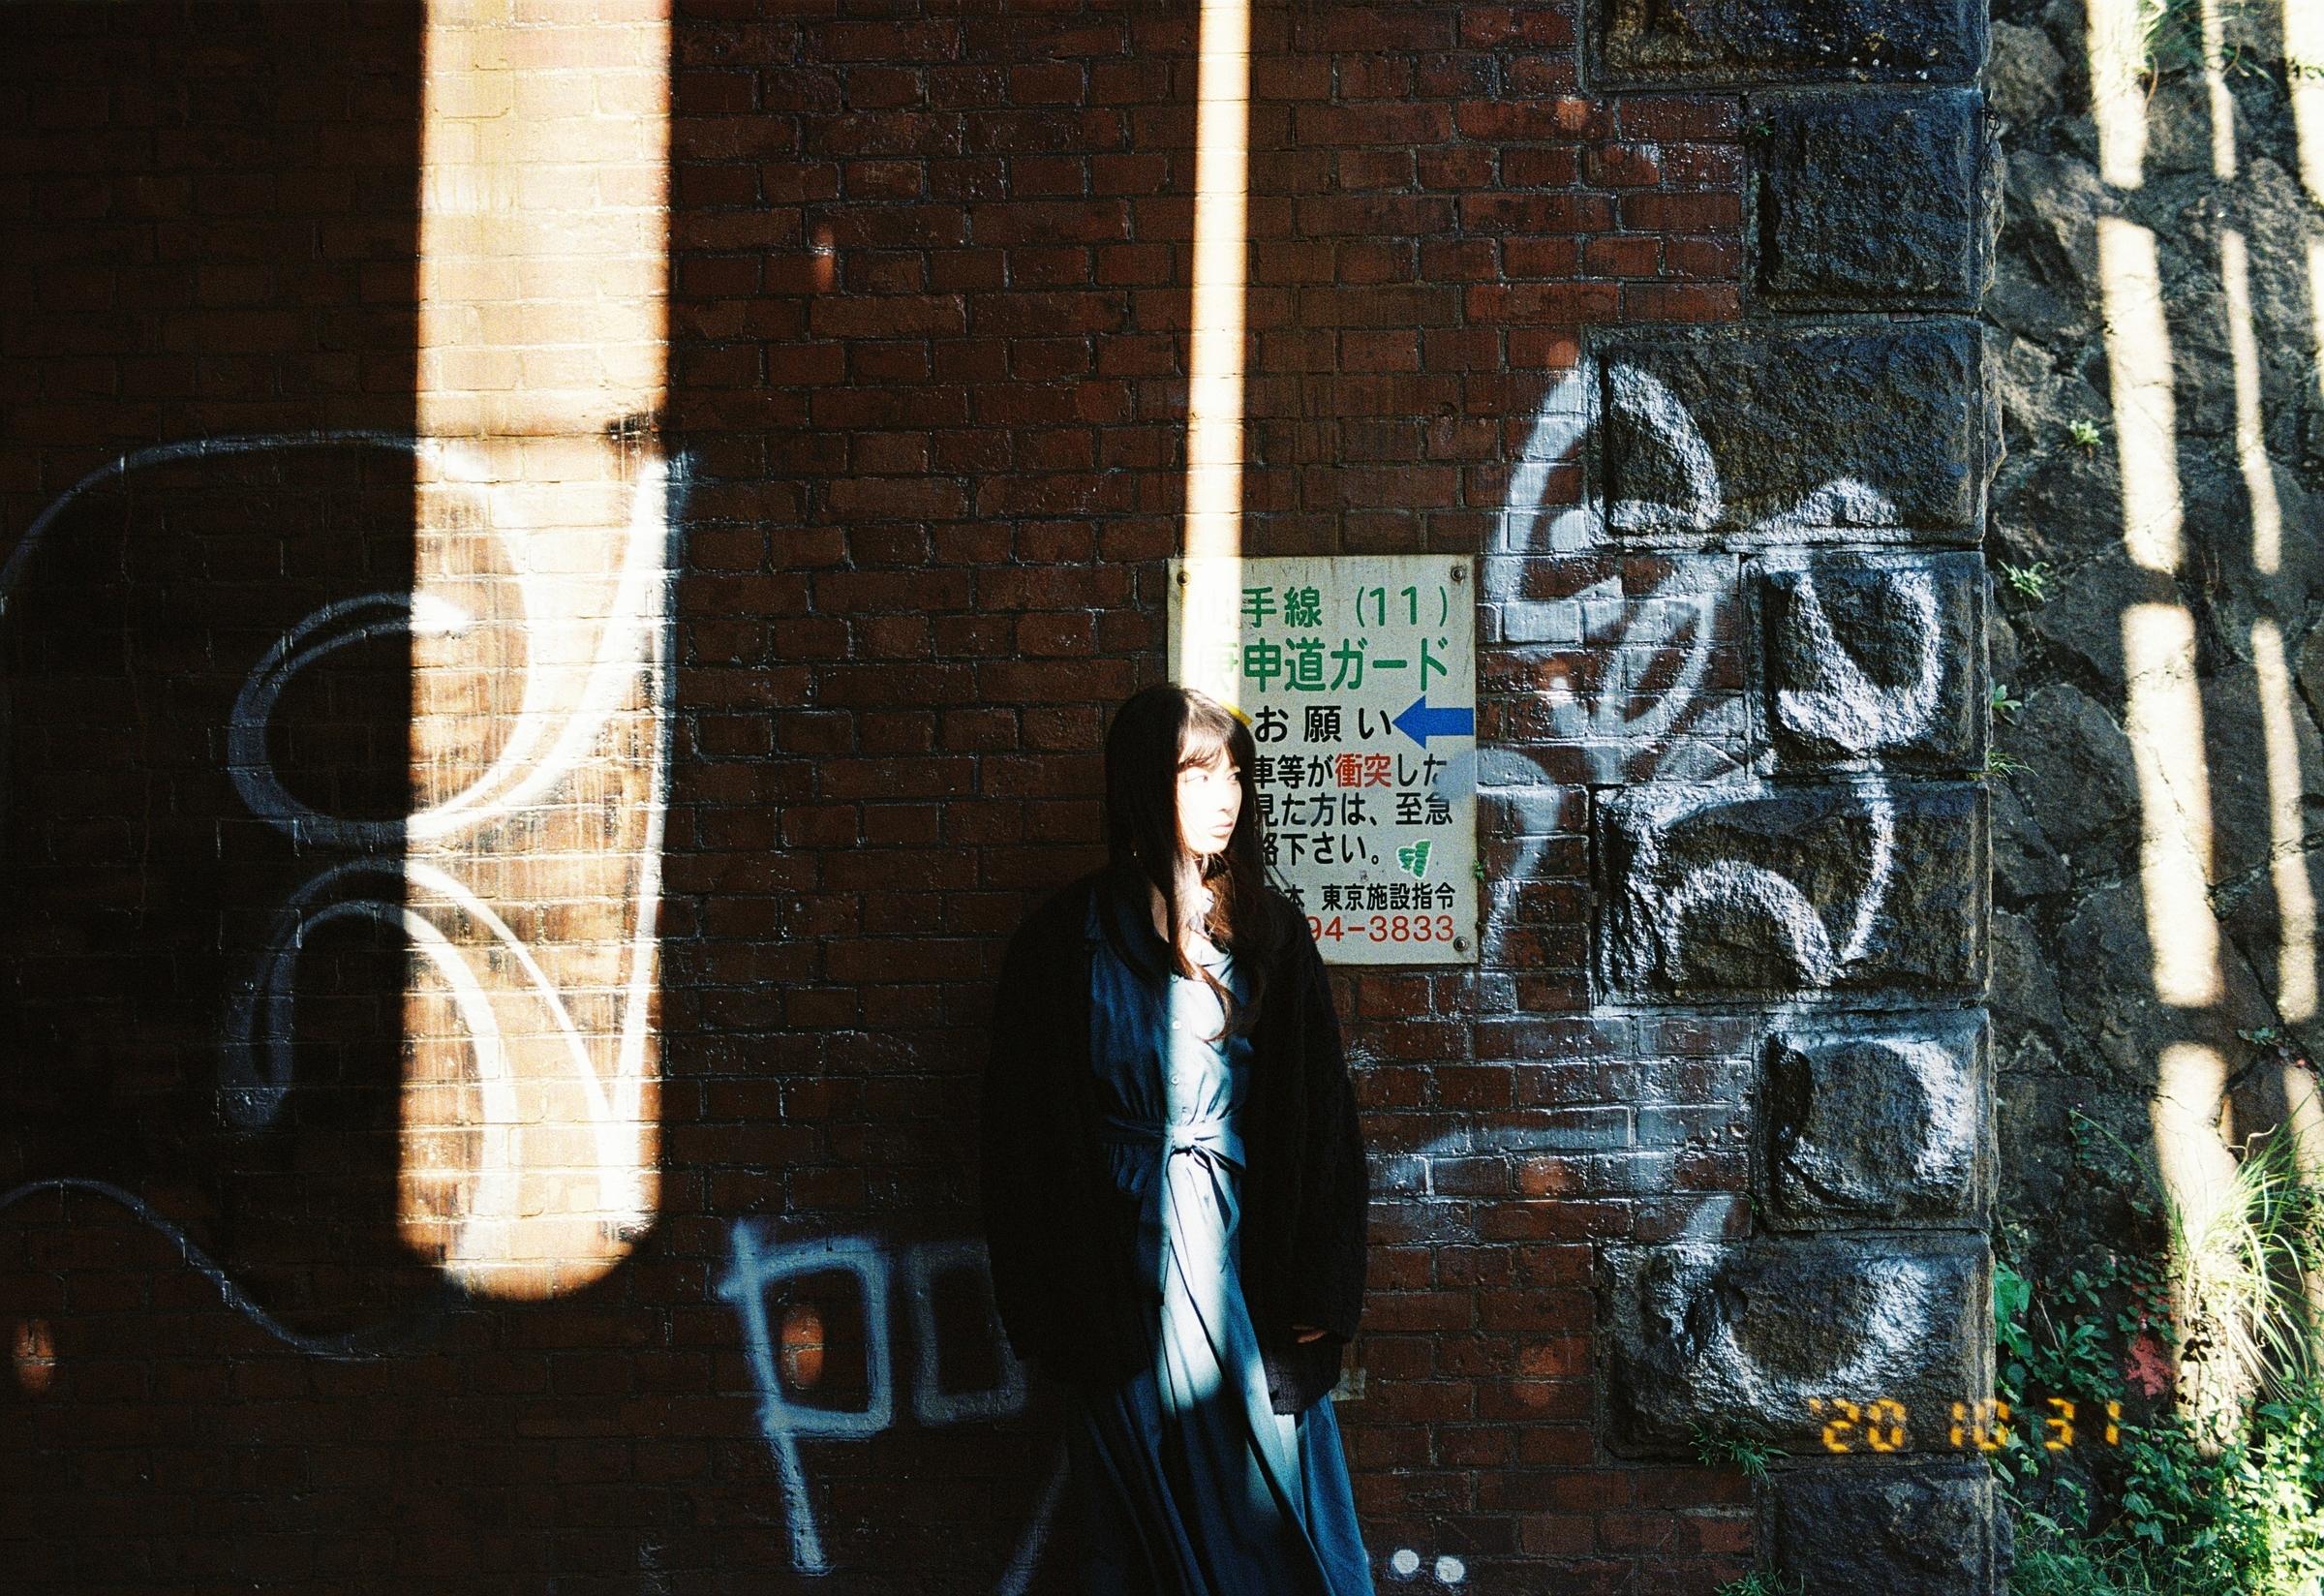 2,200円で買ったフィルムカメラのCanon EOS Kiss 7で撮影した写真